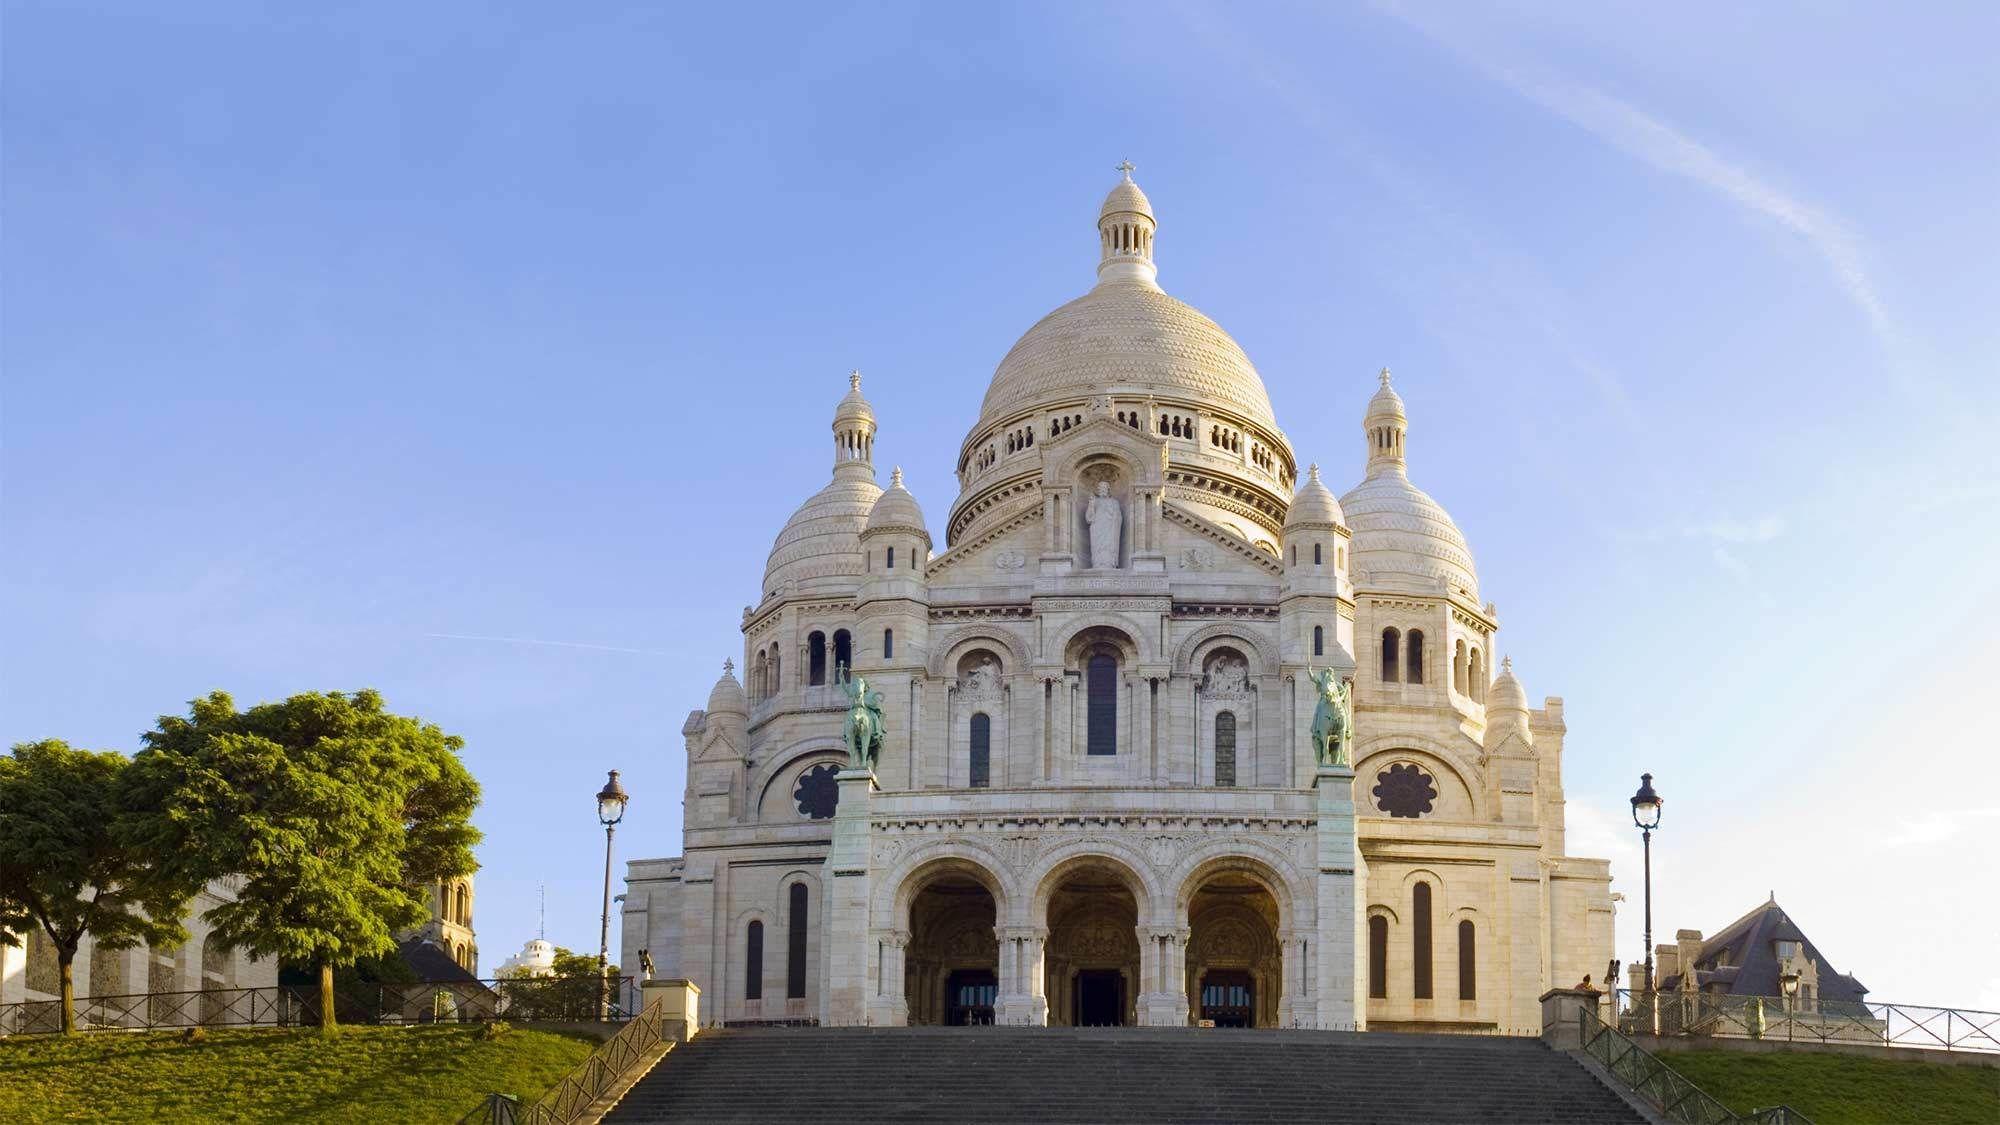 Ontdekkingstour in Parijs met kleine groep